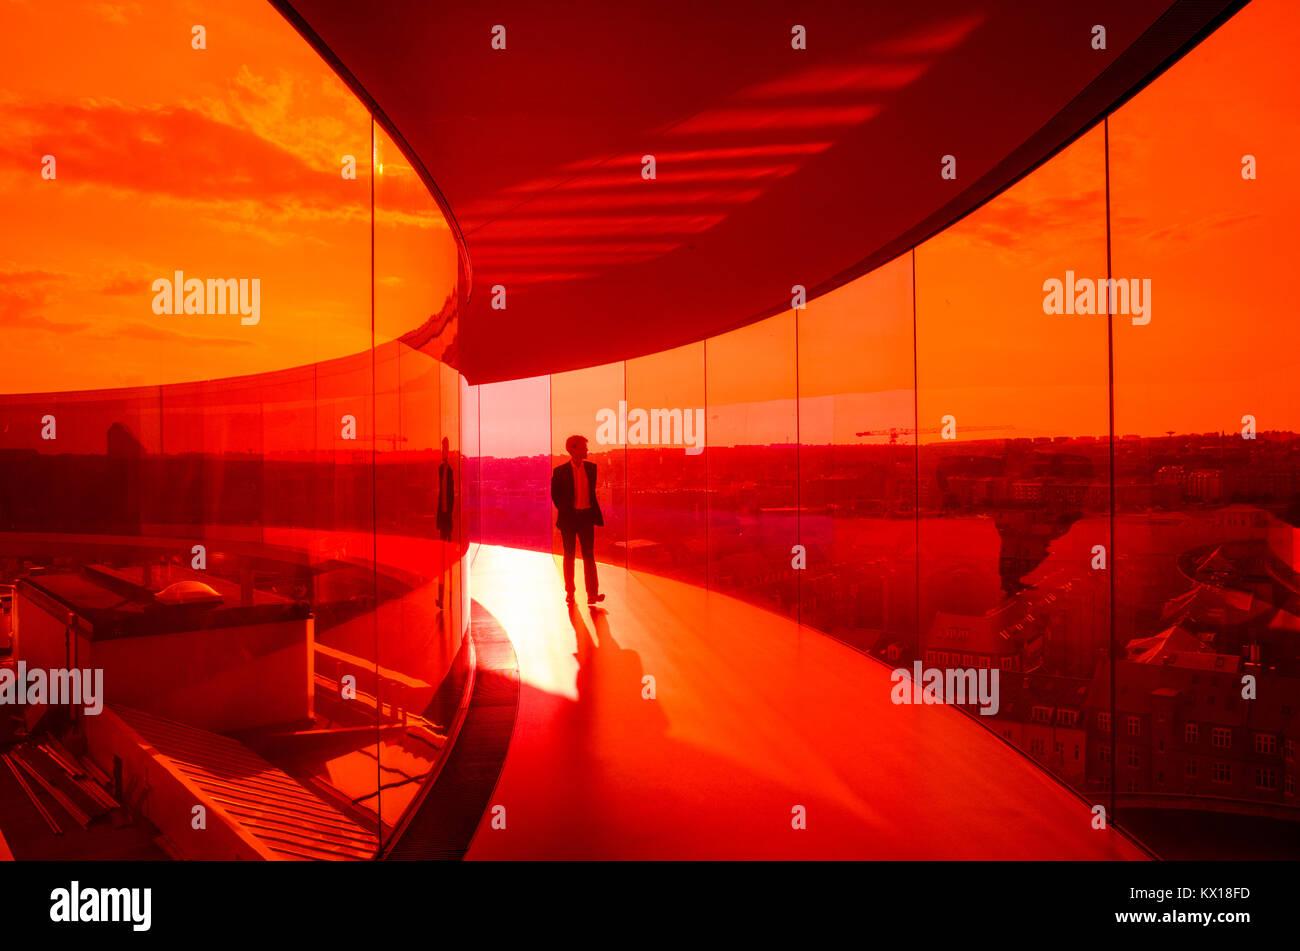 Les visiteurs apprécient votre panorama Arc-en-ciel d'Aarhus, au Musée d'Art Aros. Le musée Photo Stock